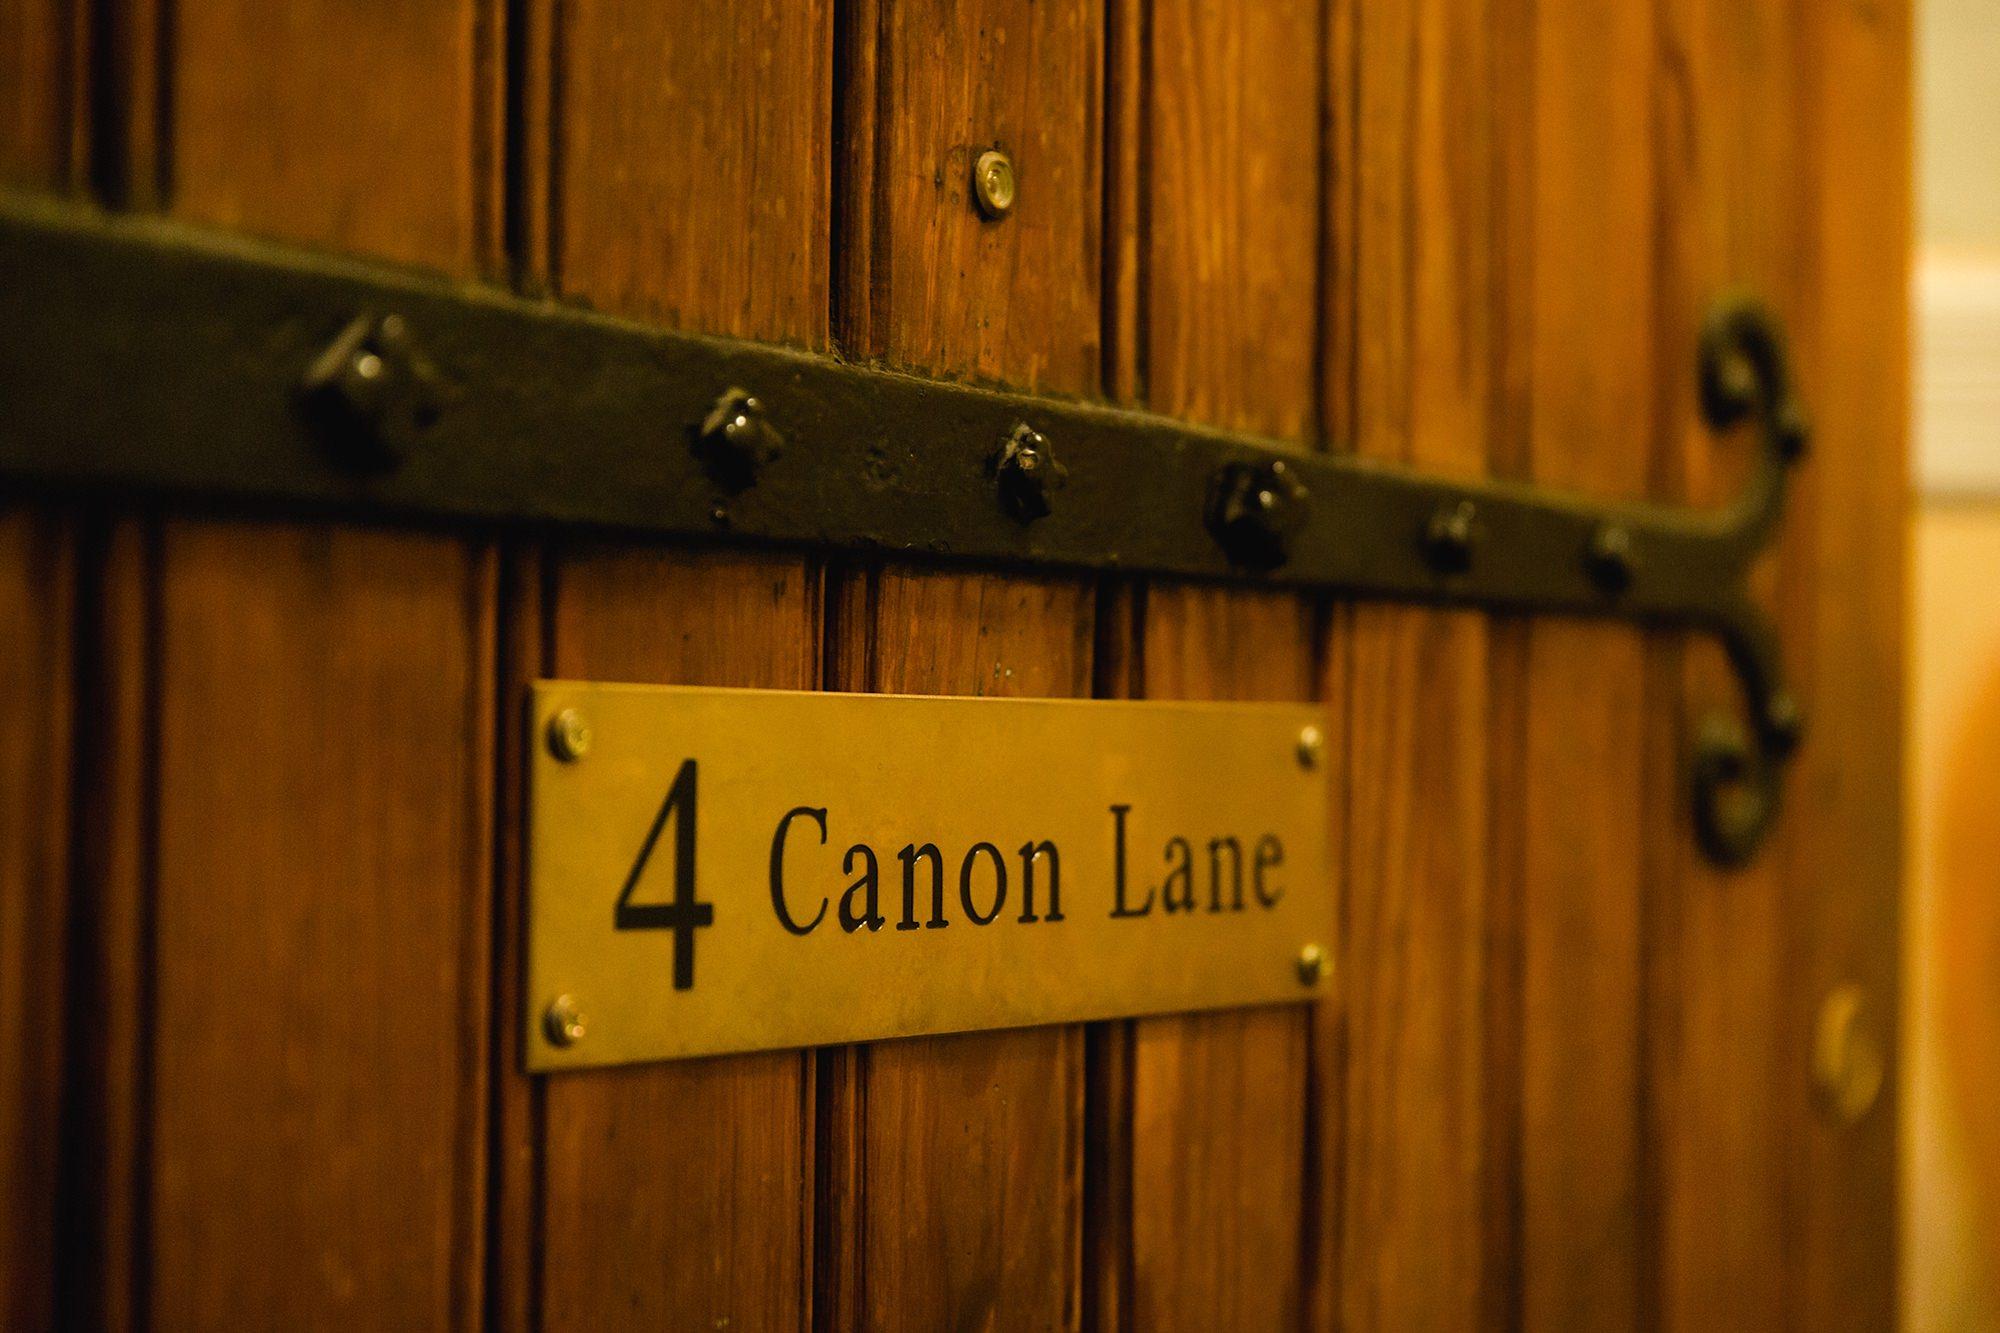 Canon Lane Chichester wedding 4 Canon Lane